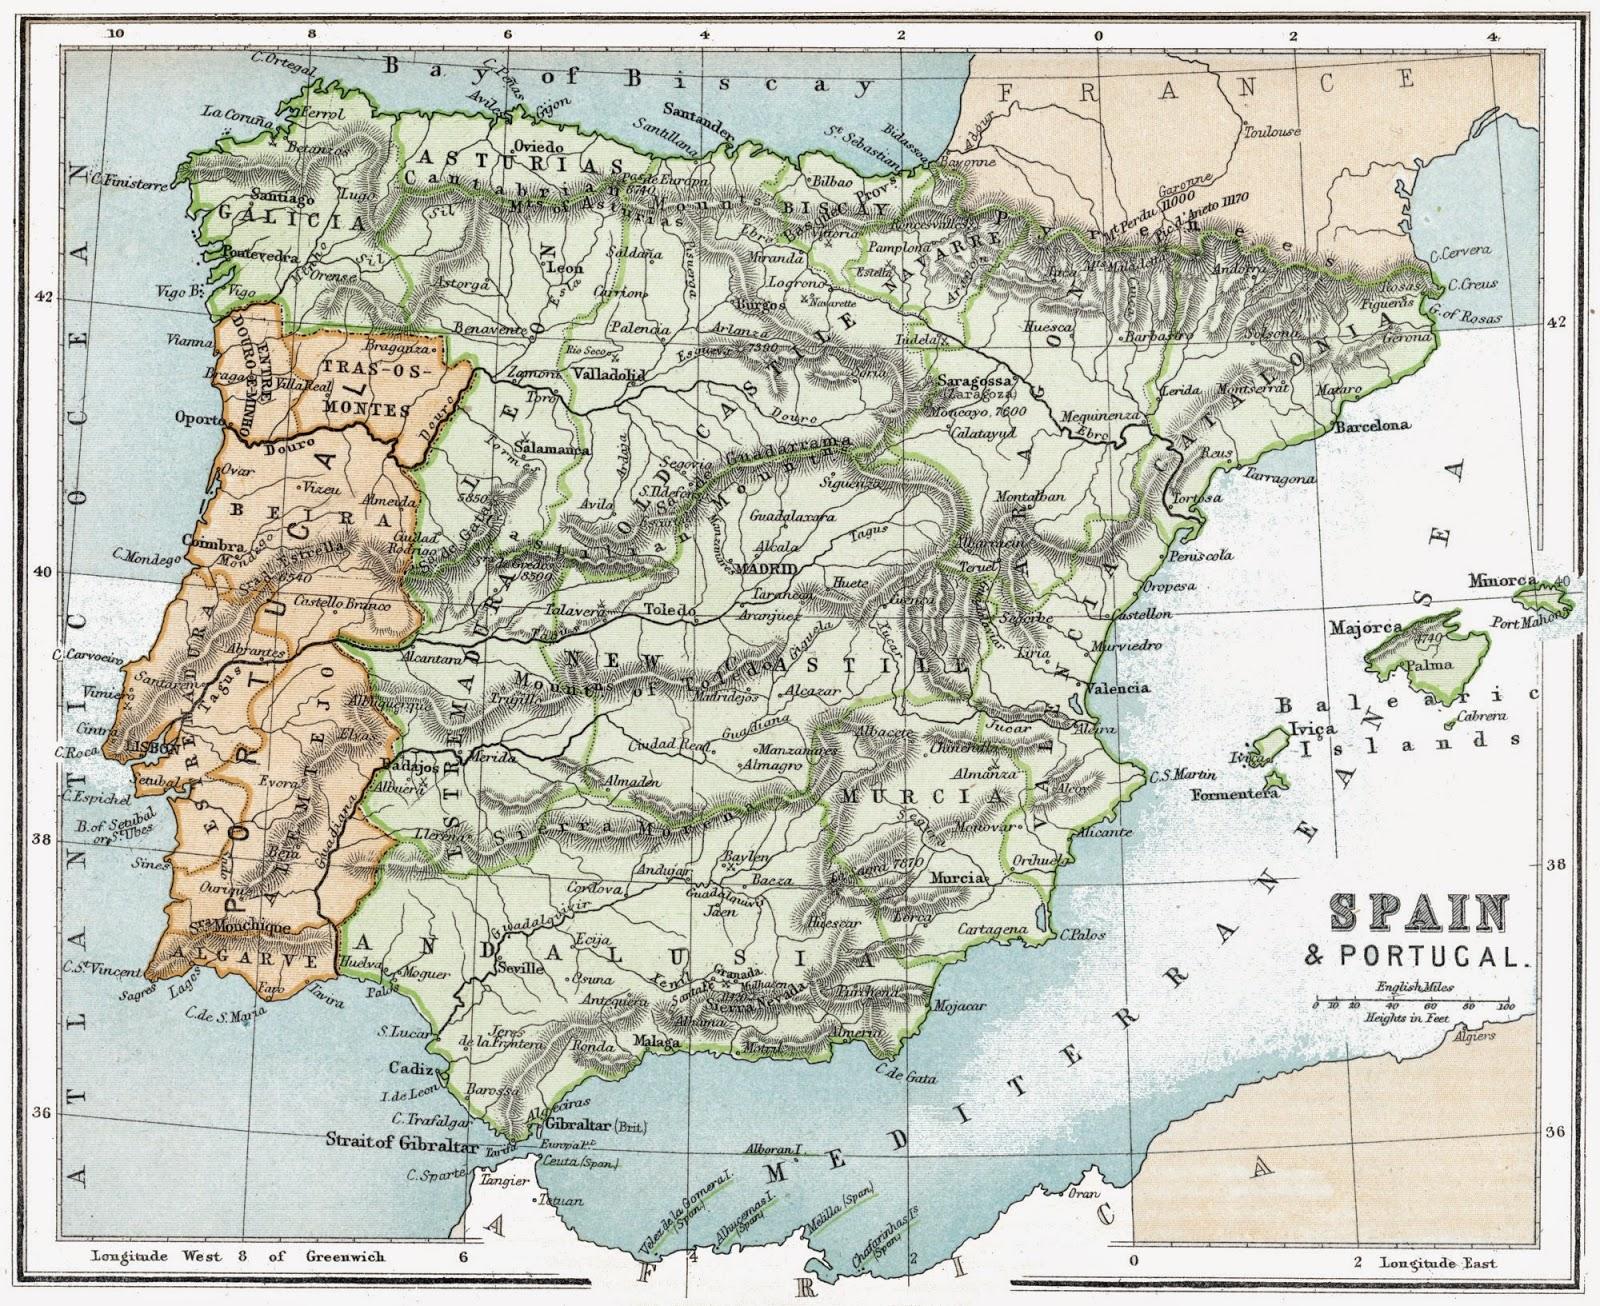 Mapa de España y Portugal 1896